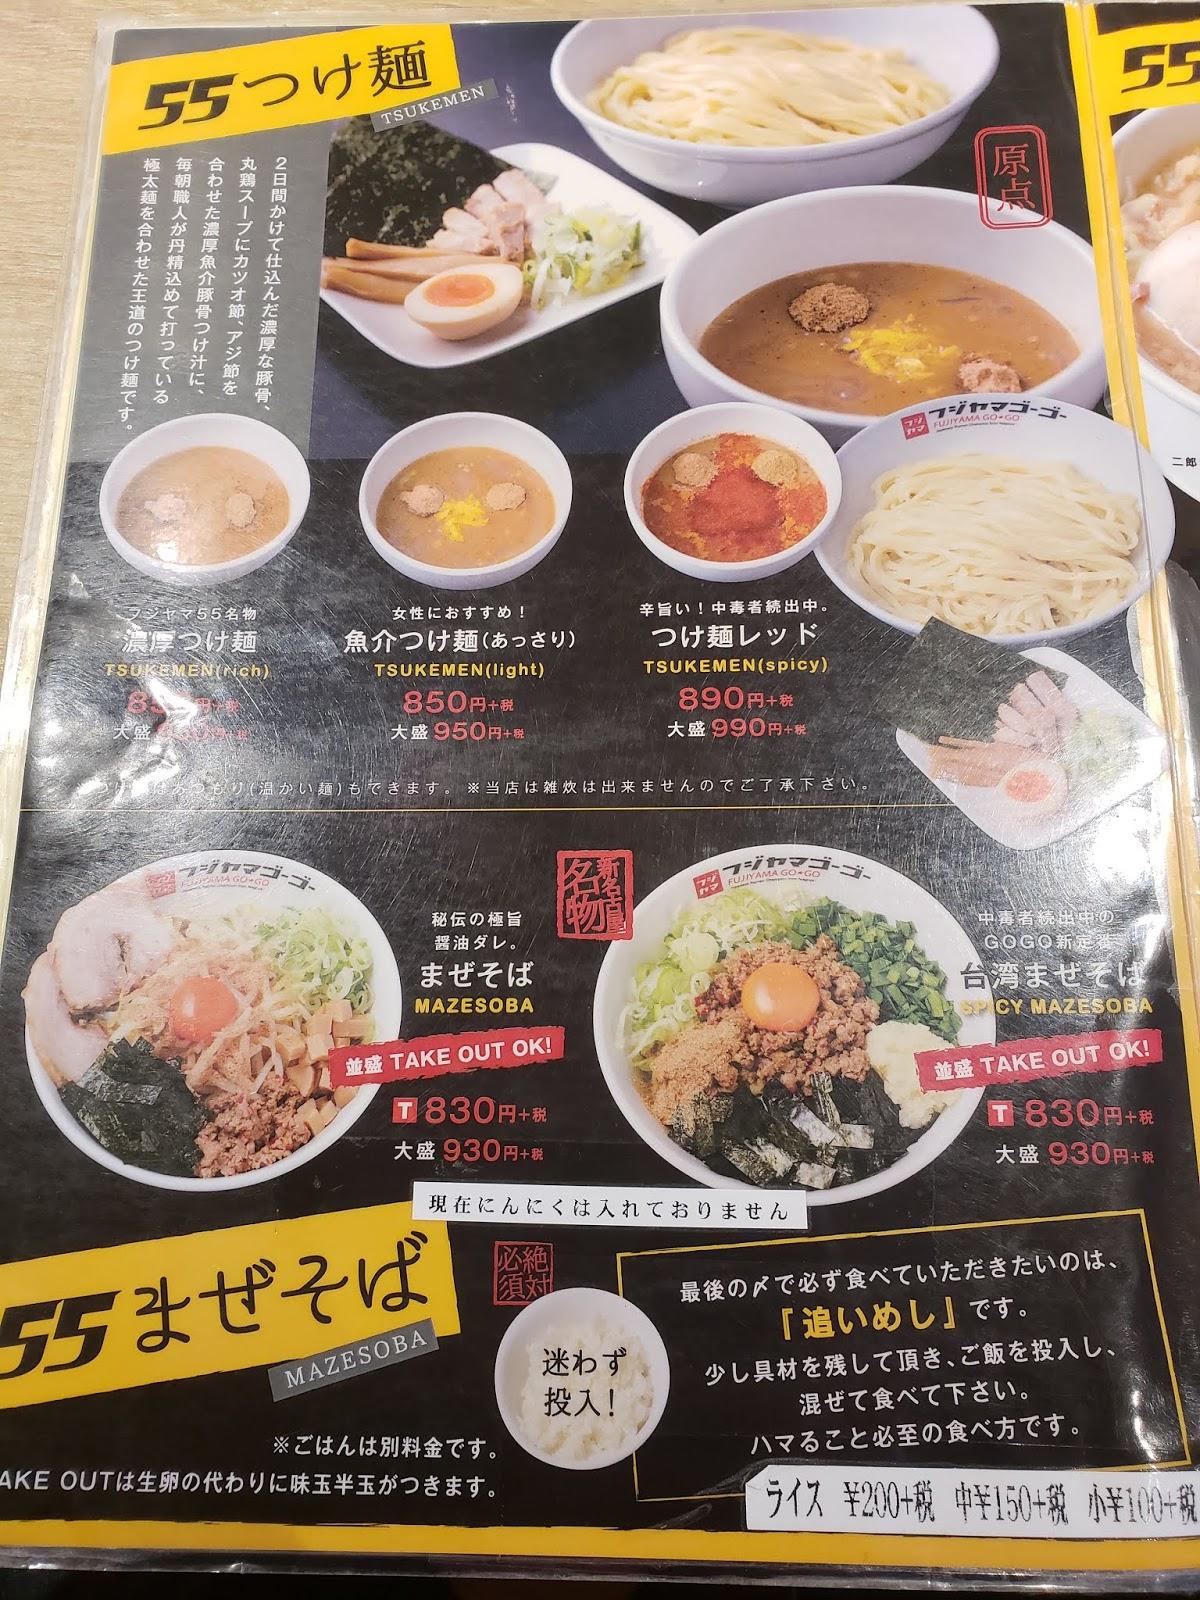 フジヤマ55(メイカーズピア店)メニュー